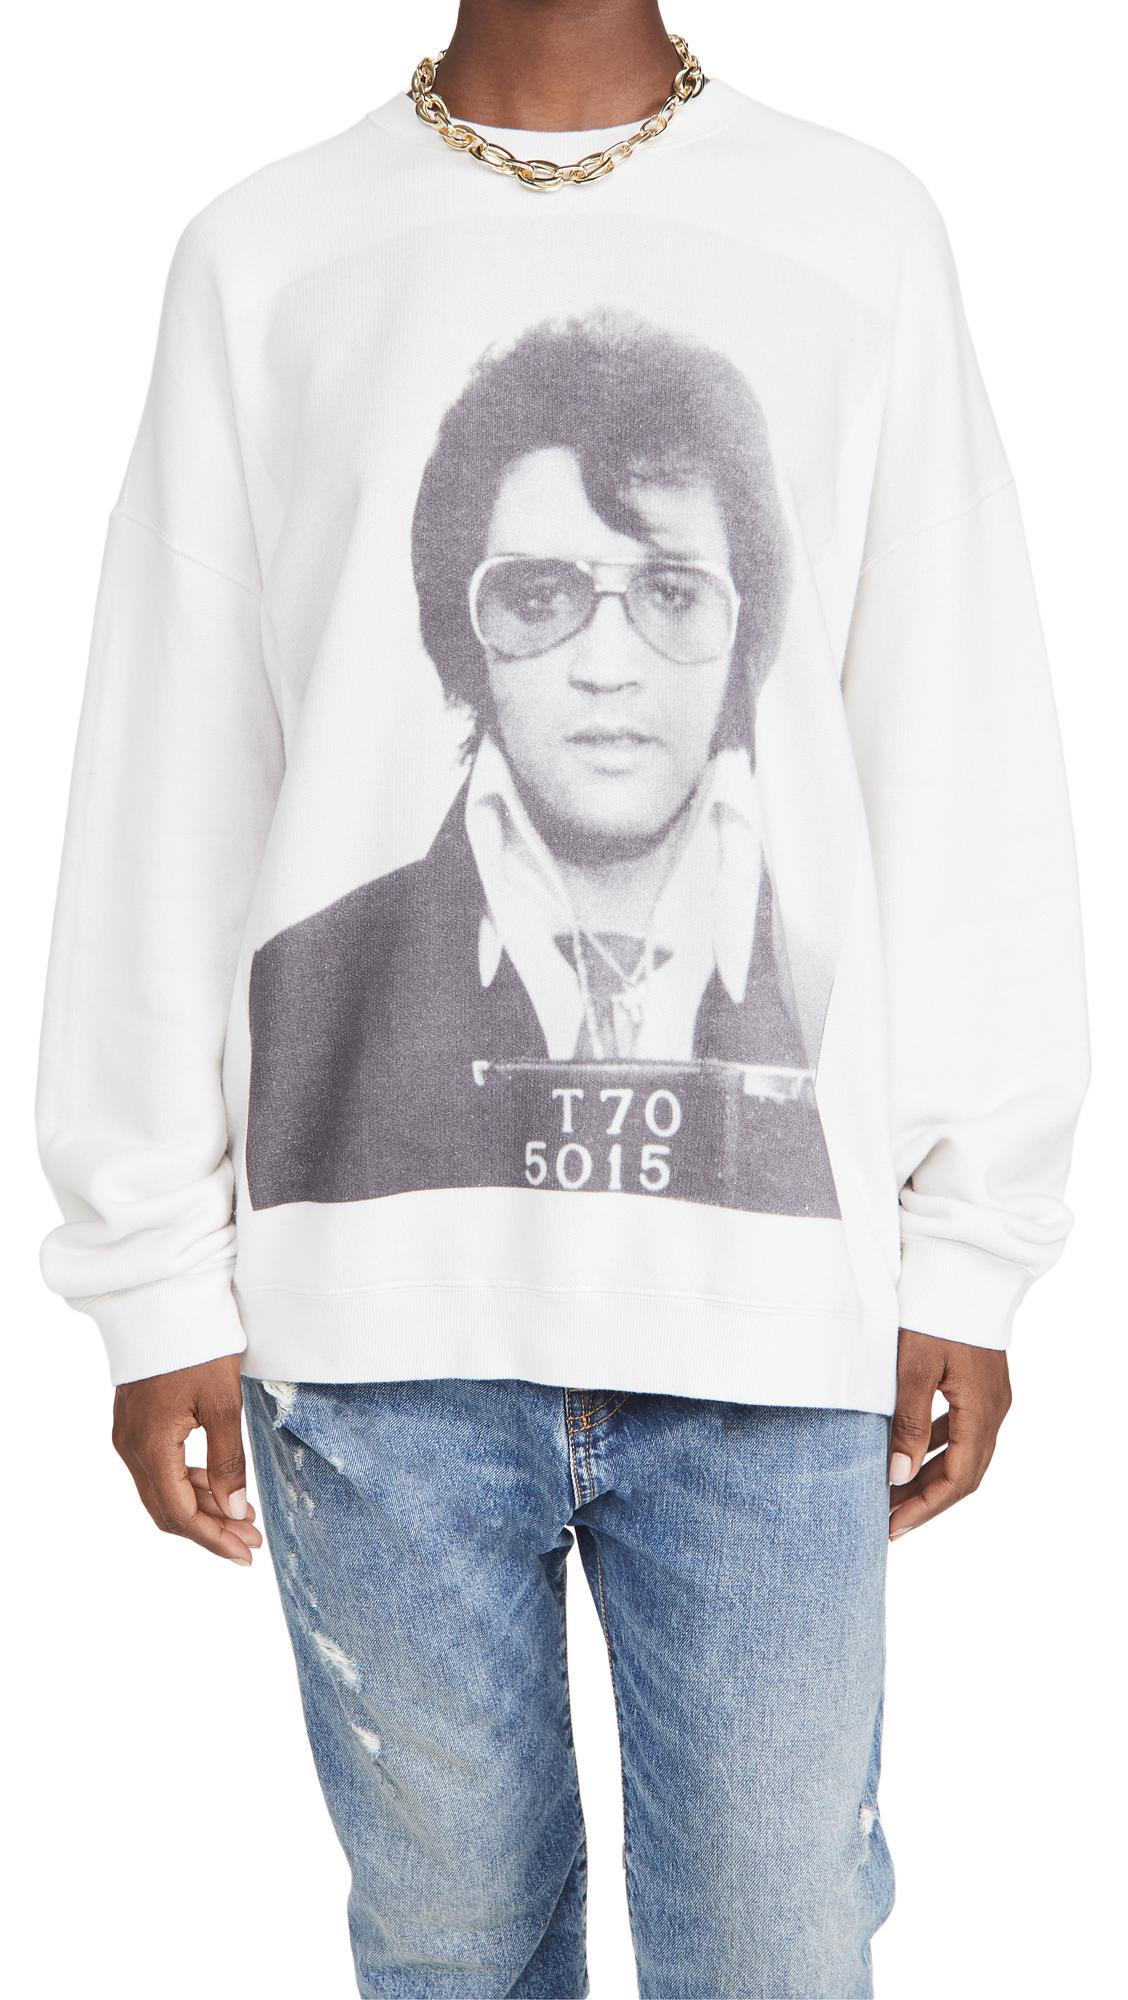 R13 Elvis T 70 Oversized Crew Neck Sweatshirt